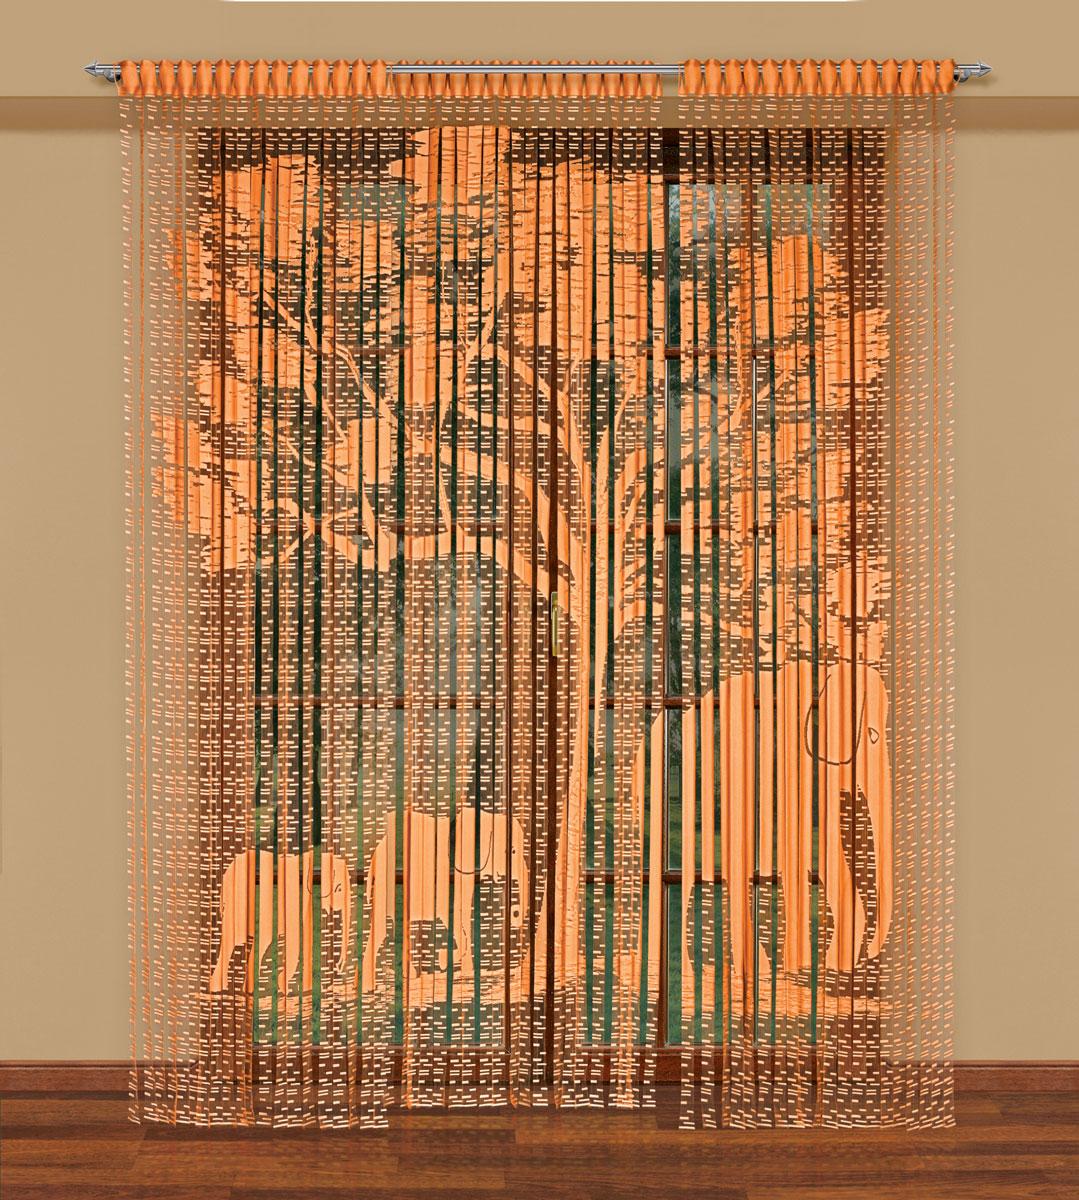 Гардина-лапша Haft, на петлях, цвет: оранжевый, высота 270 см. 212180212180/250 оранжевыйЛегкая гардина-лапша на петлях Haft, изготовленная из полиэстера, станет великолепным украшением любого окна. Оригинальный дизайн и приятная цветовая гамма привлекут к себе внимание и органично впишутся в интерьер комнаты.